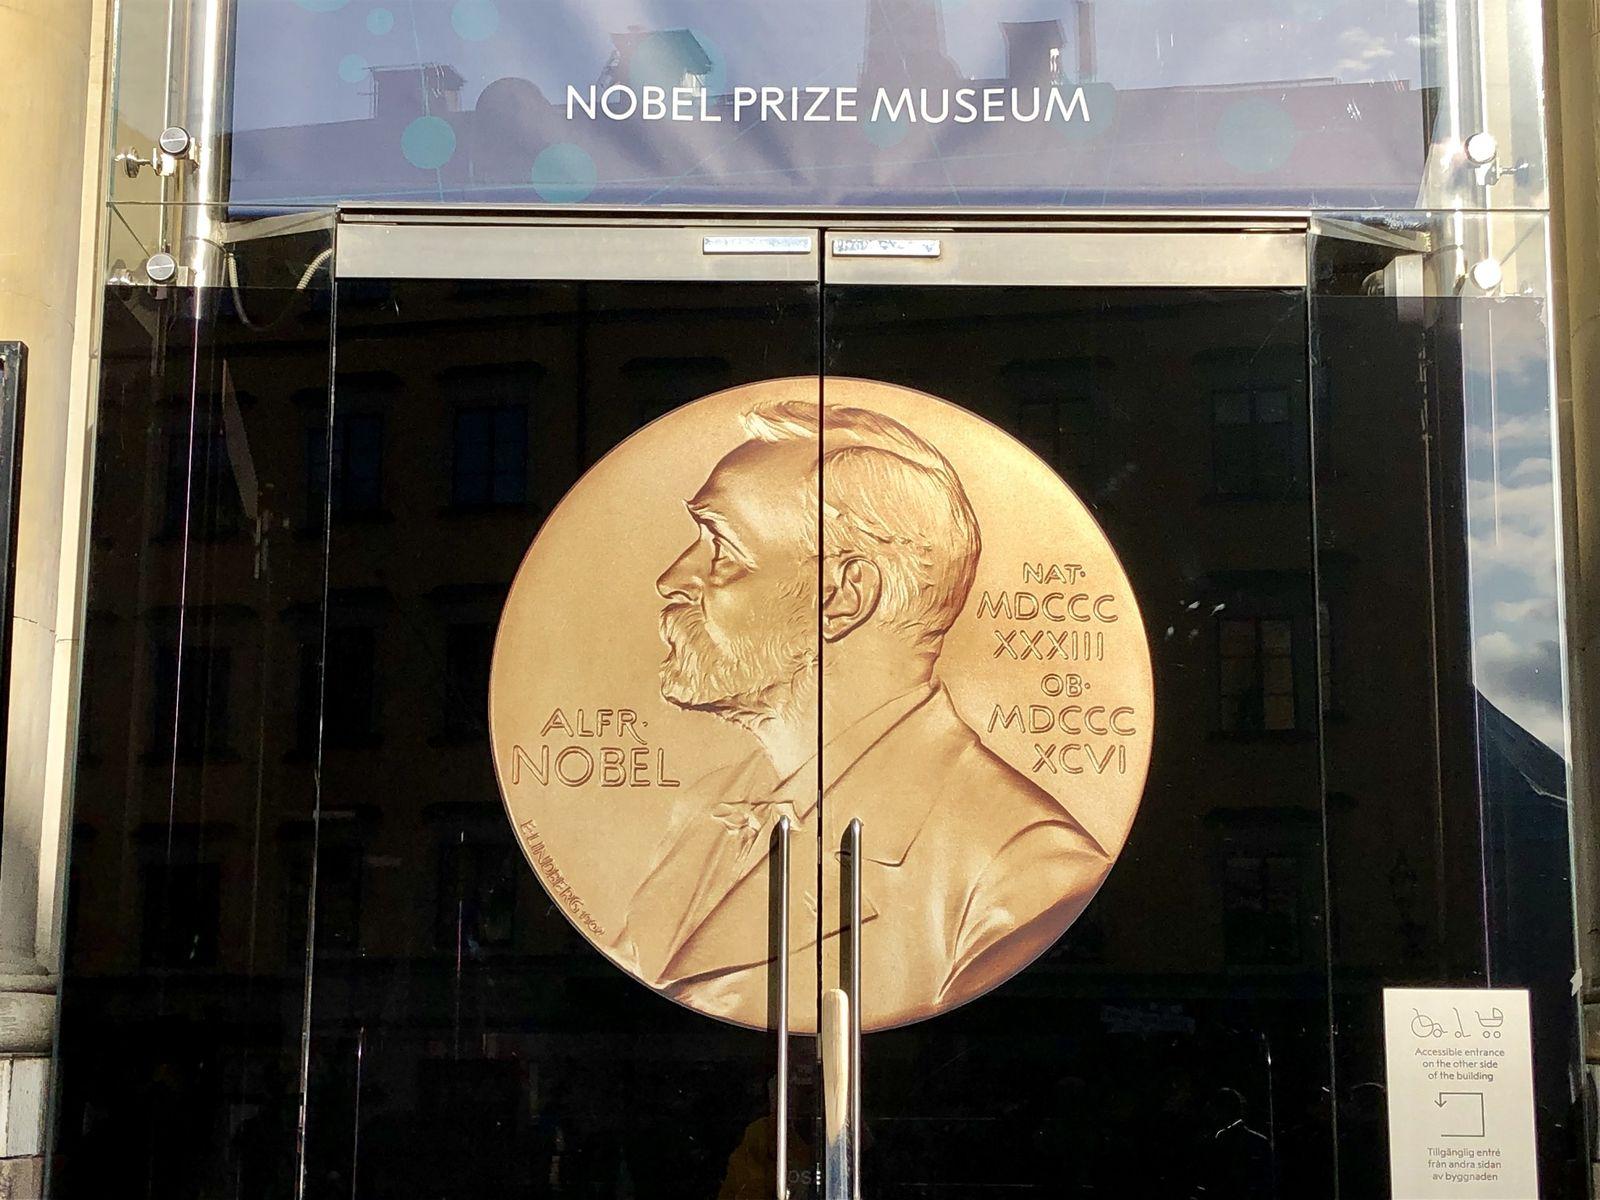 FÜR EILMELDUNGEN! Nobelpreis/ Nobelpreismuseum